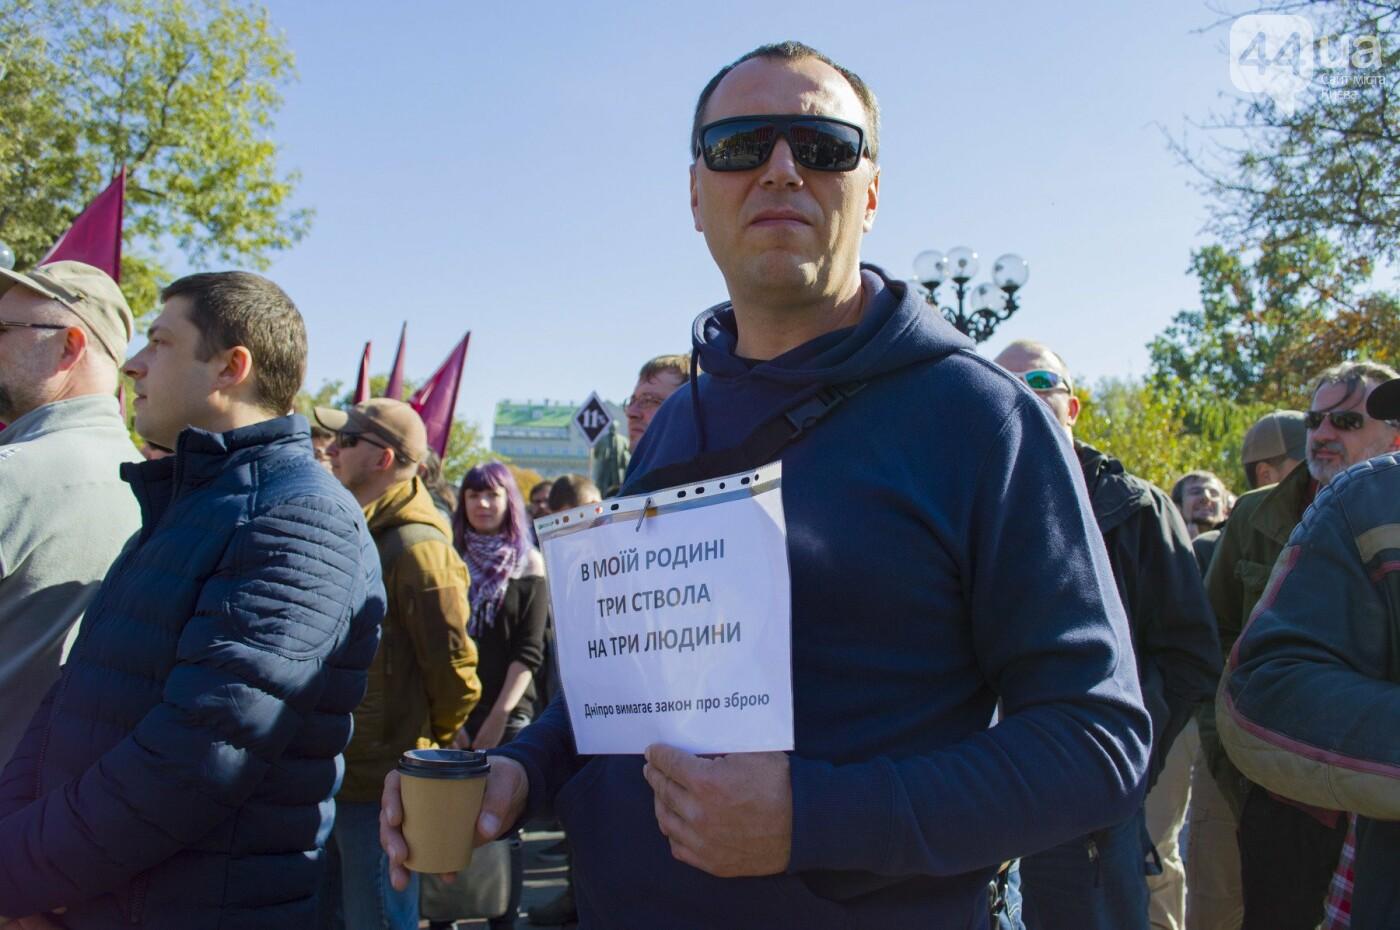 С волынкой, барабанами и черепом: как в Киеве люди митинговали за право на самооборону, фото-4